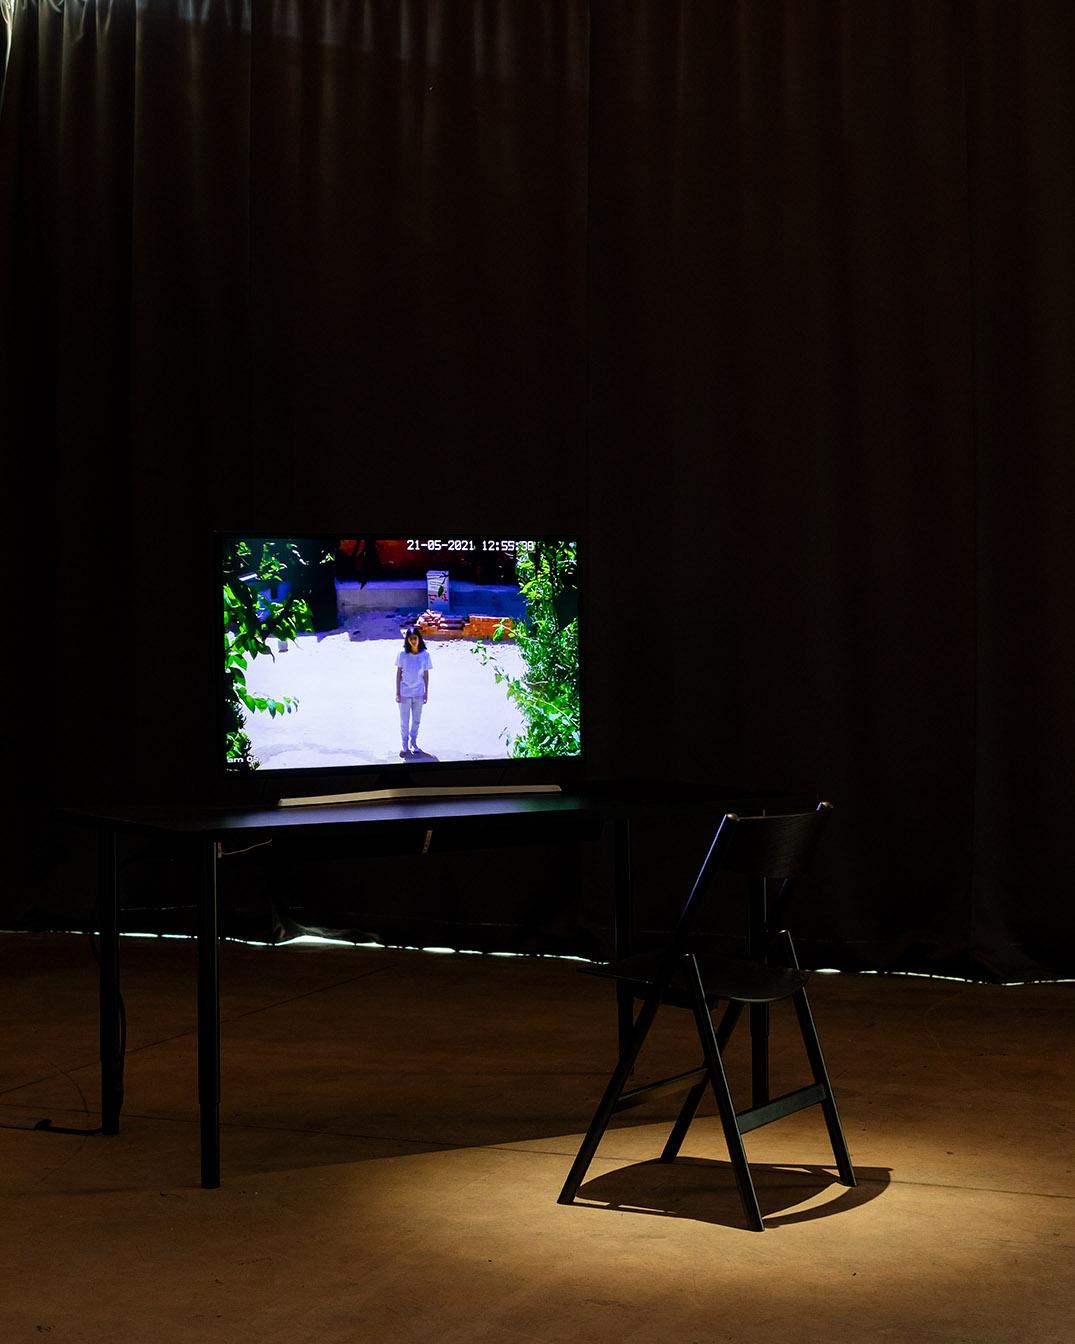 Hanin Tarek, 'Are You Still Watching?', 2021 ('Hotel Sahara' at Magasins généraux, Pantin − Grand Paris, 2021), Photo by Tadzio, Copyright: Hanin Tarek & Magasins généraux